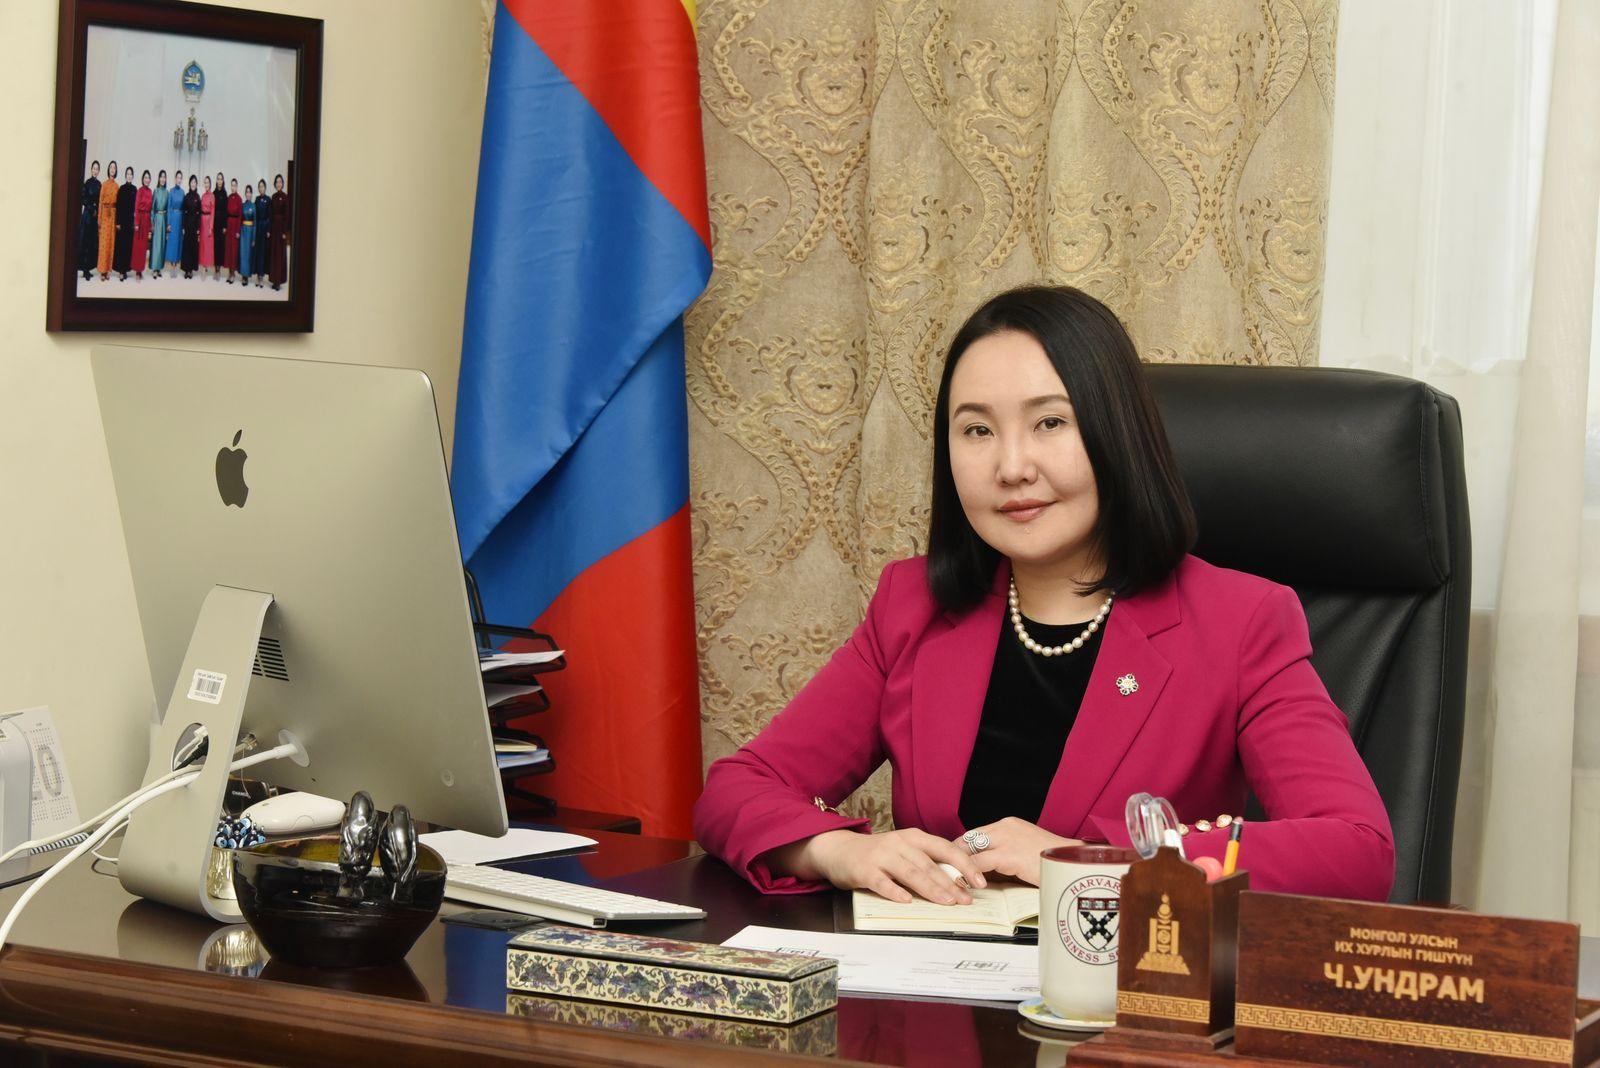 Ч.Ундрам: Монгол Улс анх удаа Музейн тухай хуультай болно